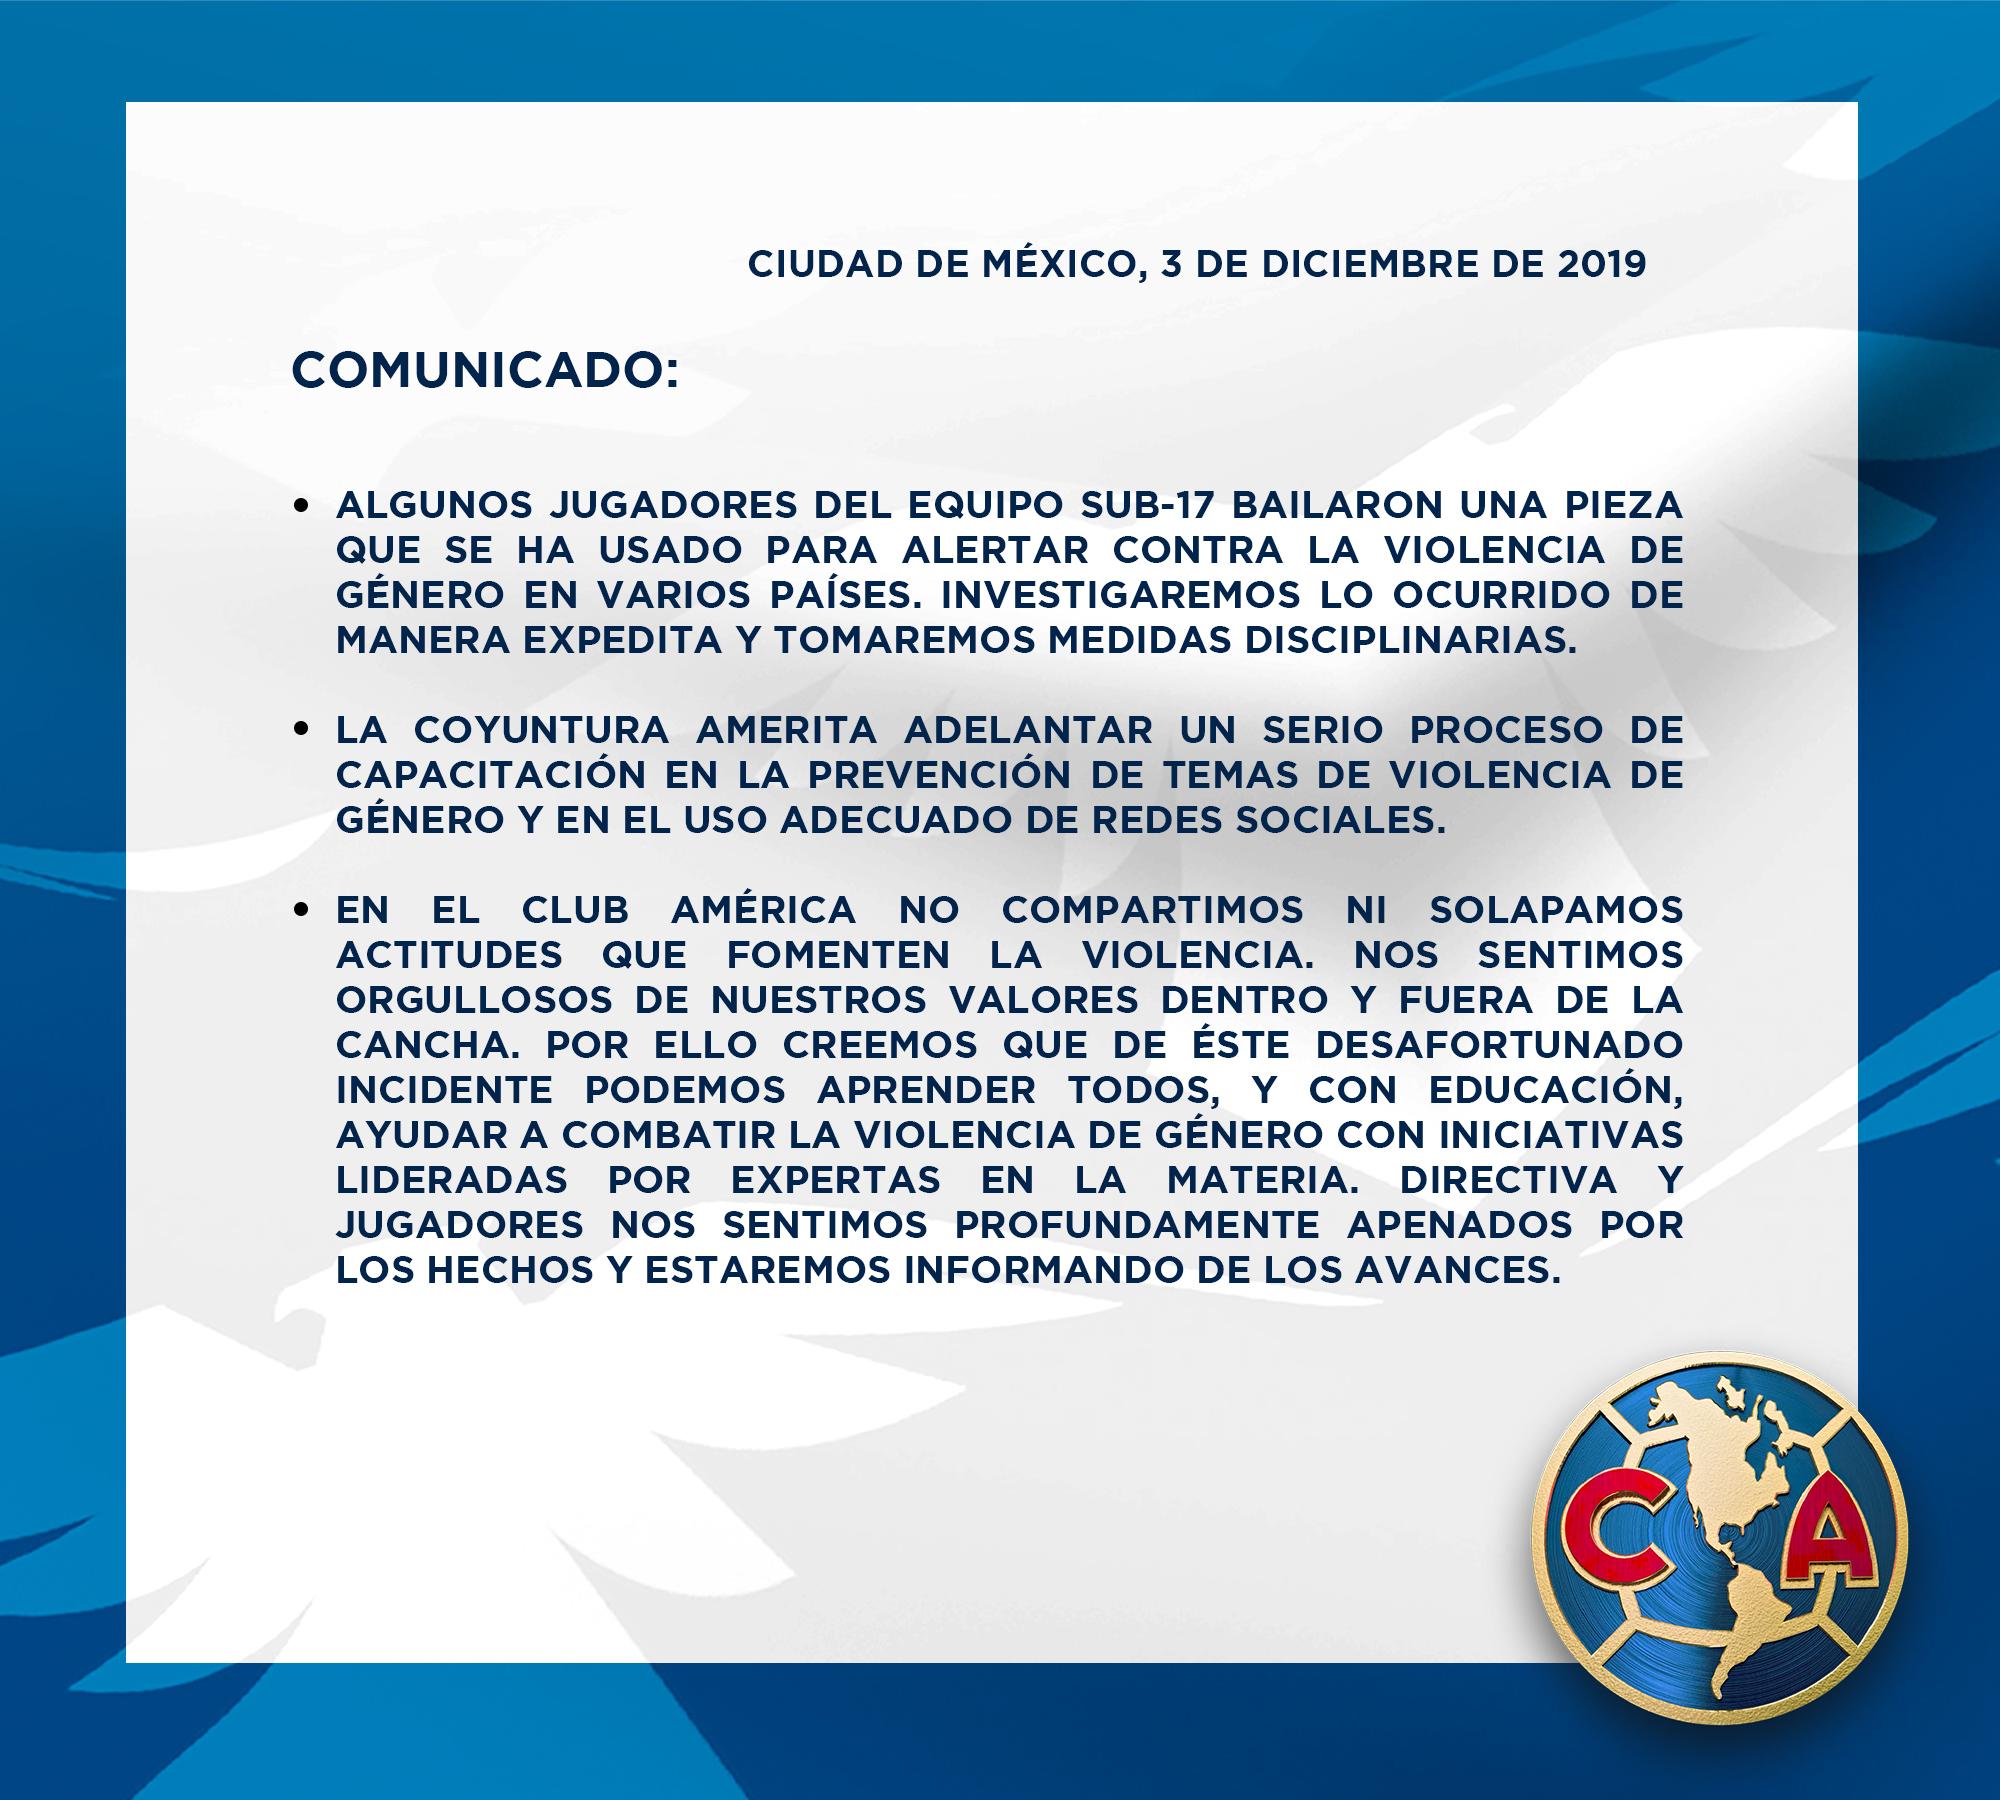 El Club América sancionará a futbolistas que se burlaron de #ElVioladorErasTu